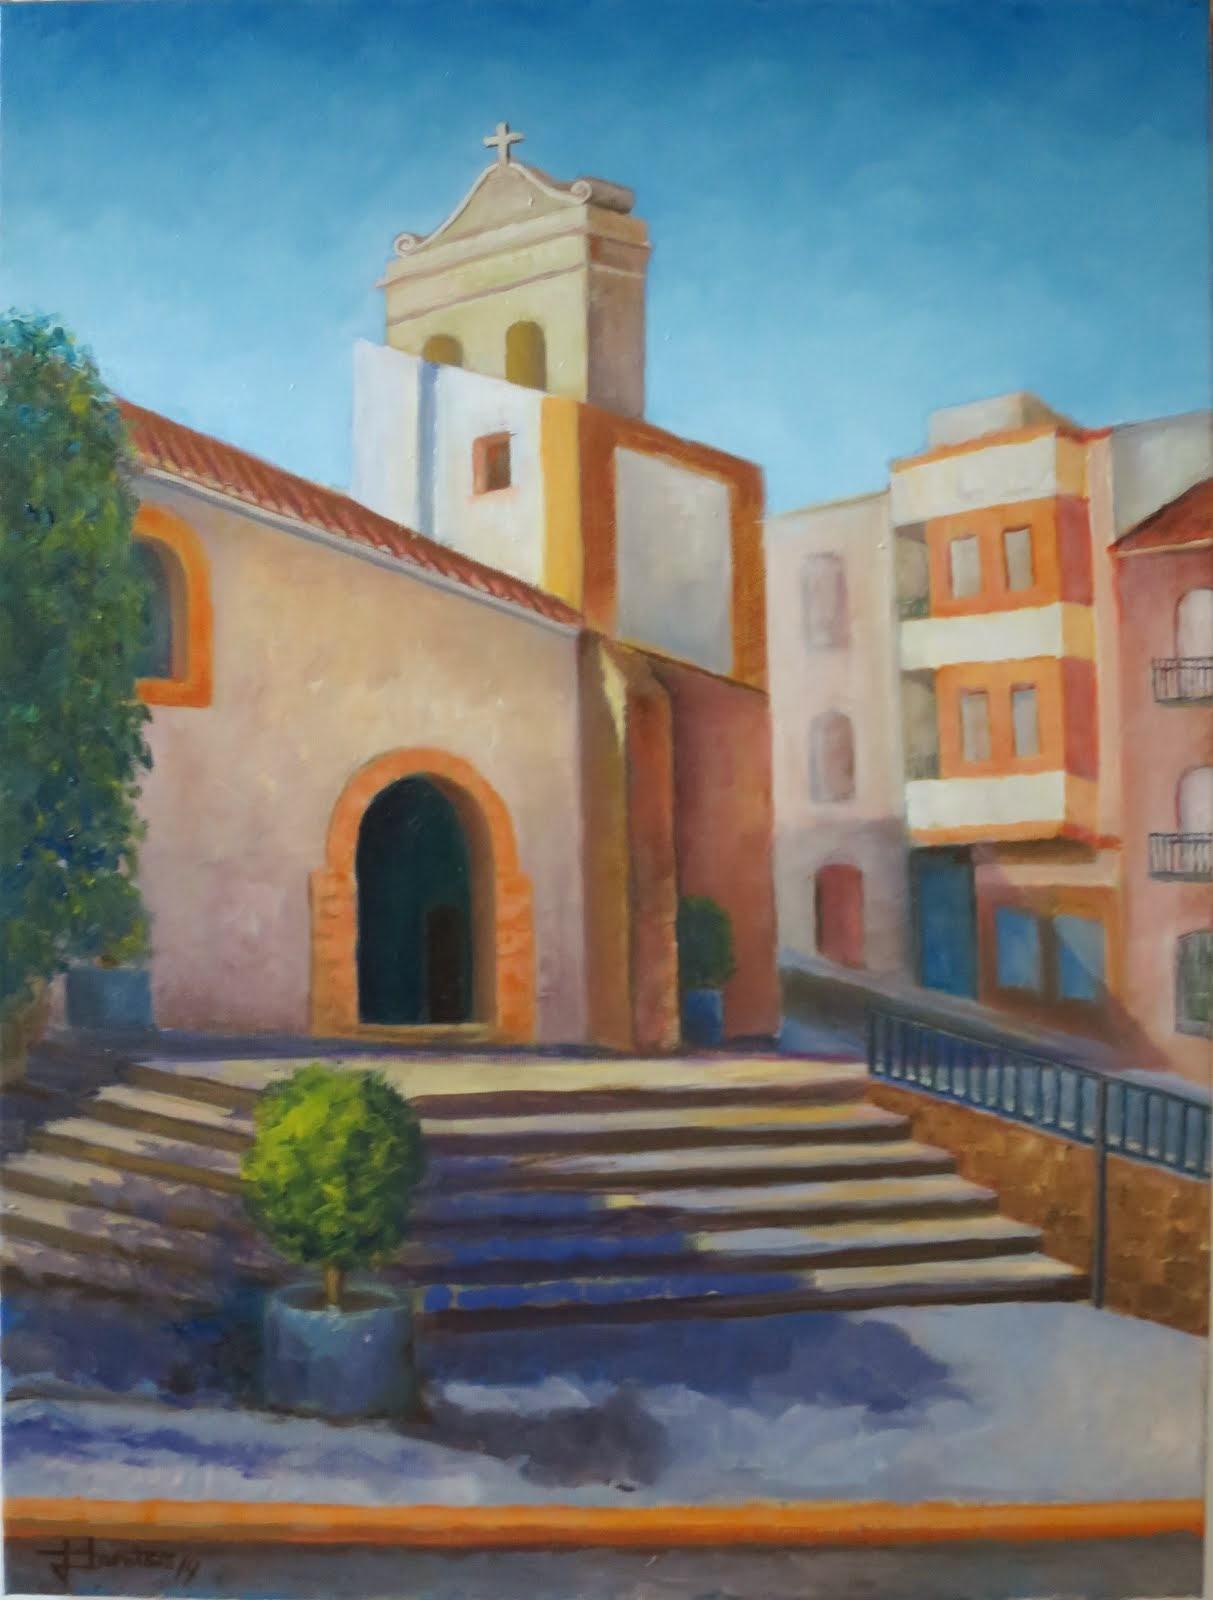 La iglesia de Fuerte del Rey, Jaén. (12P)